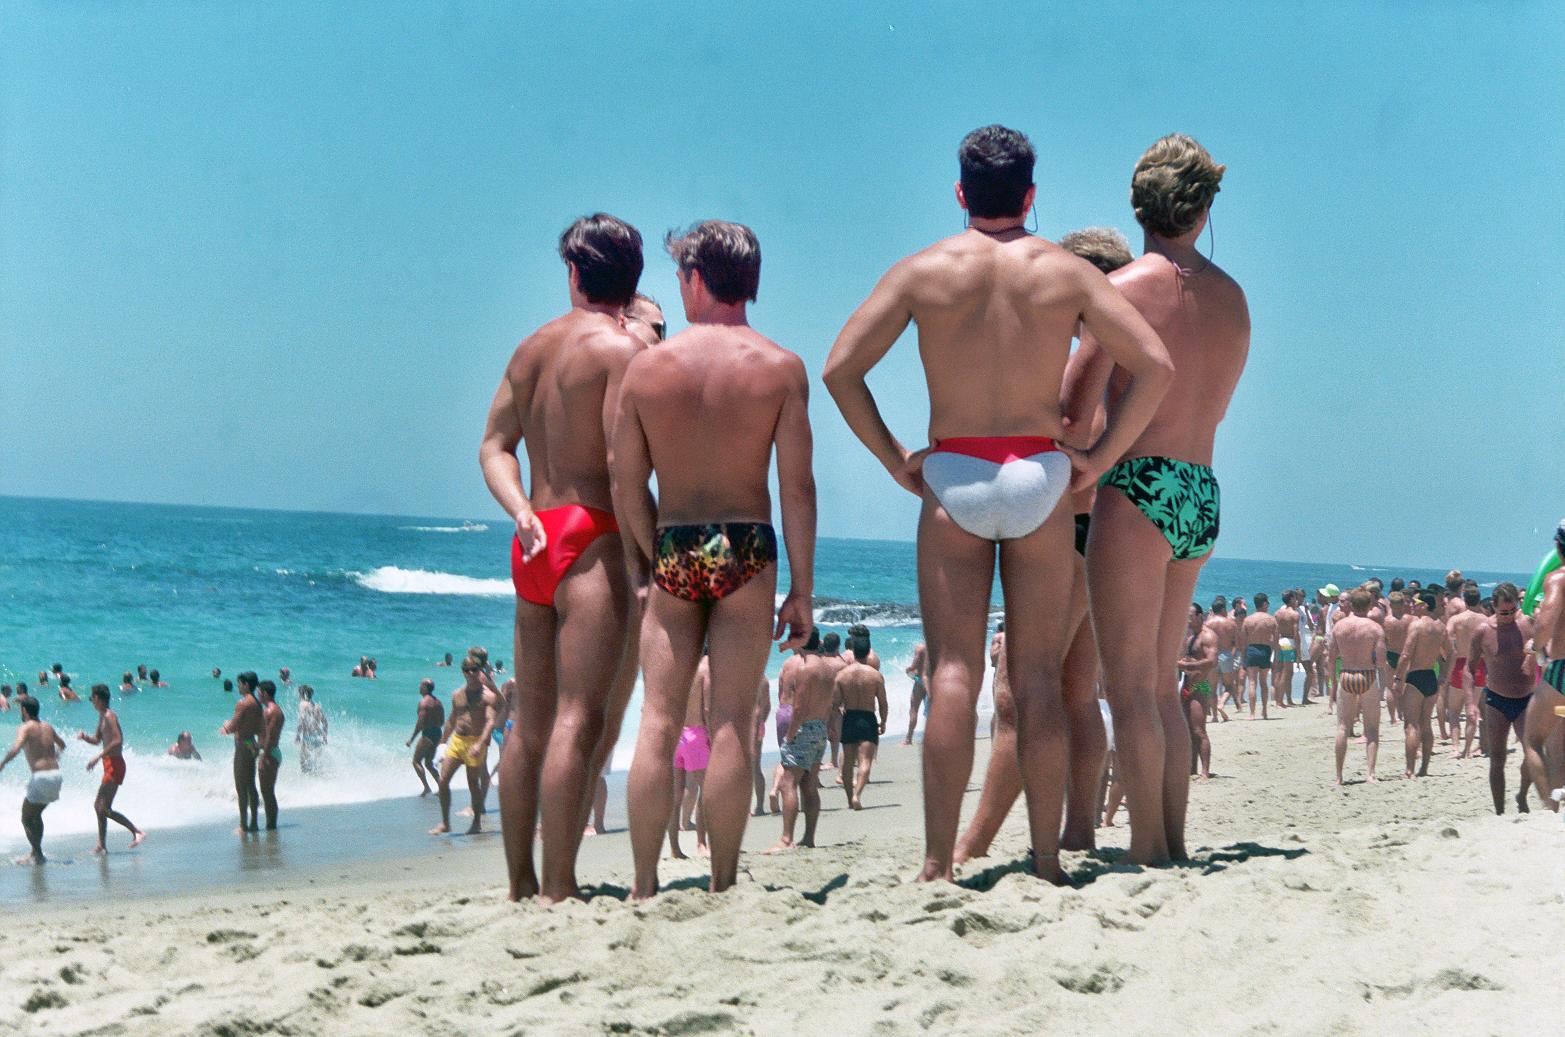 laguna-beach_3554525261_o